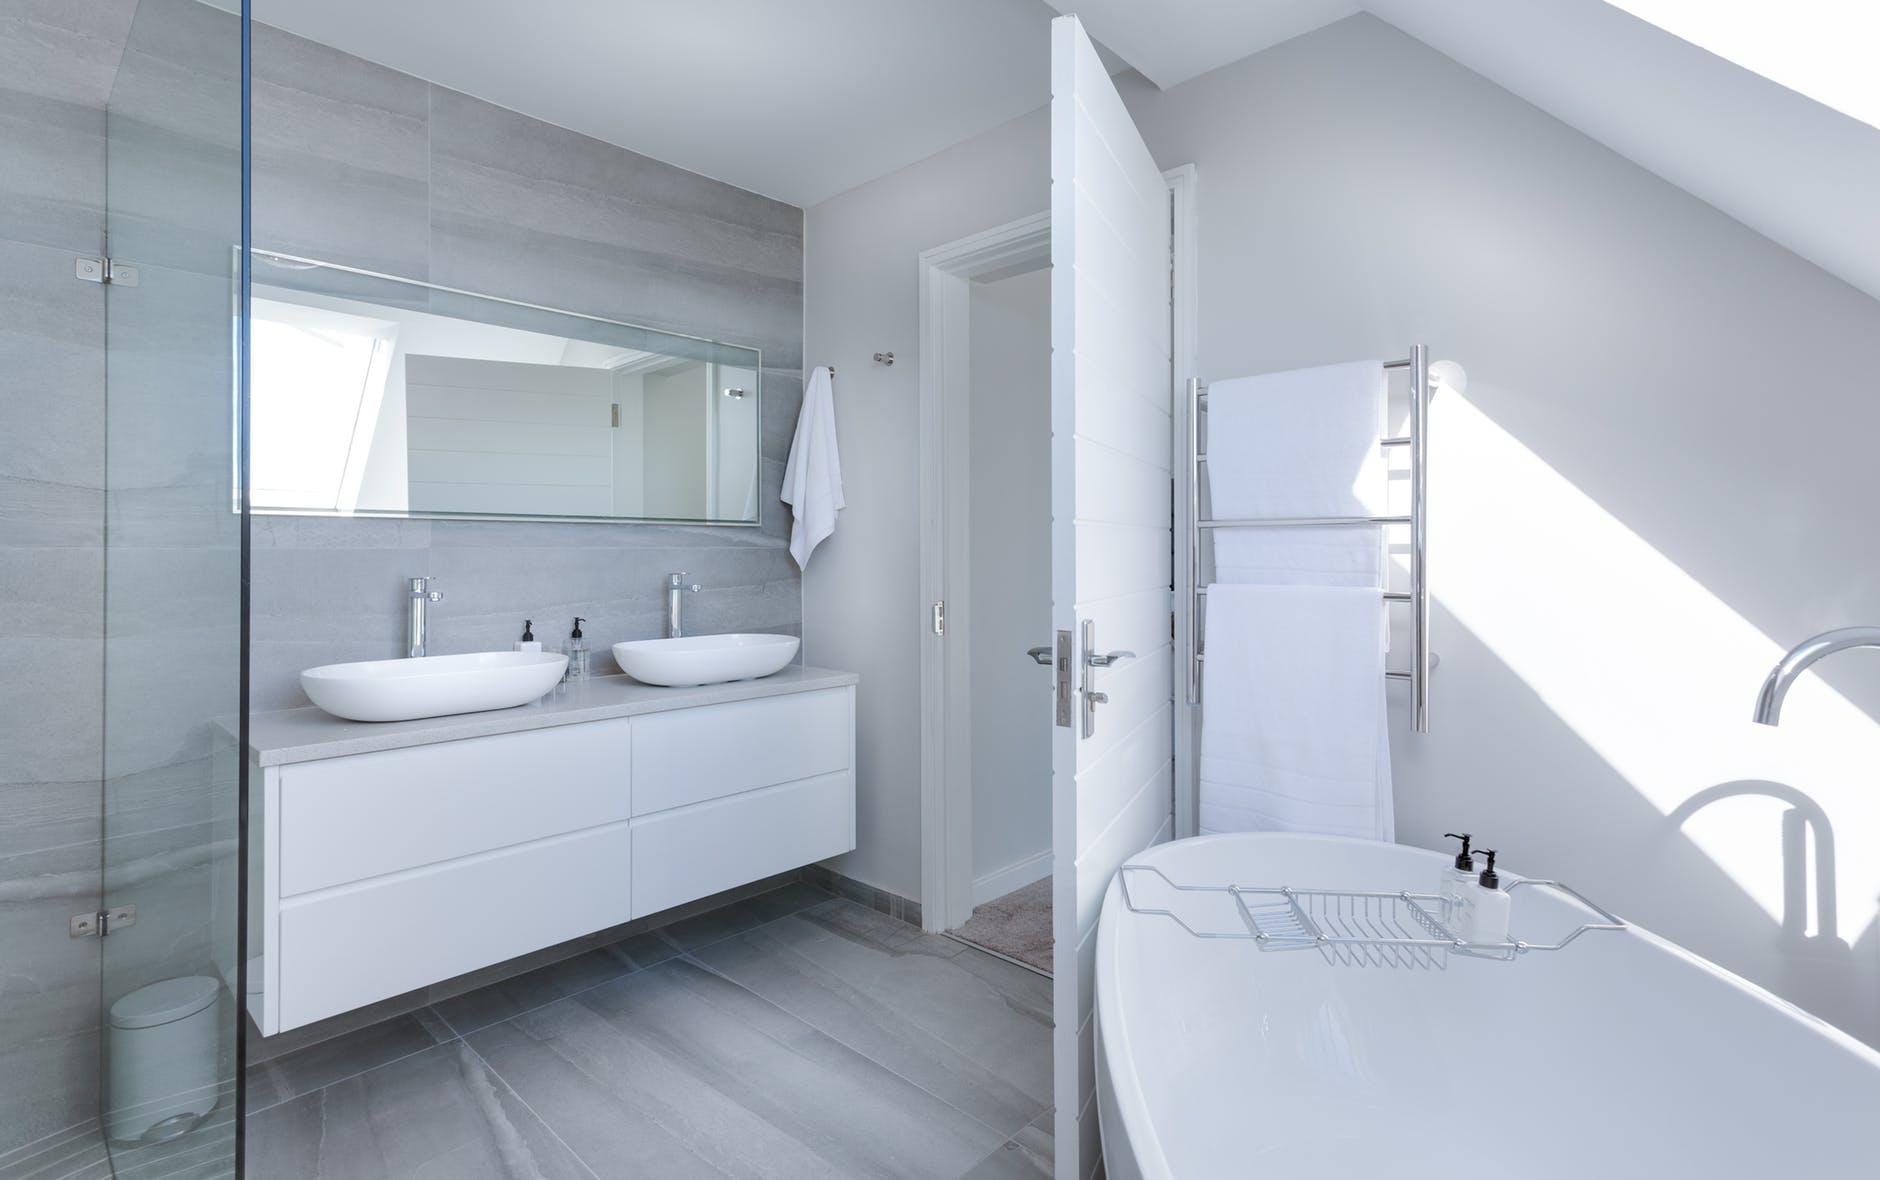 Een lekkage in de badkamer oplossen woonstichting actium